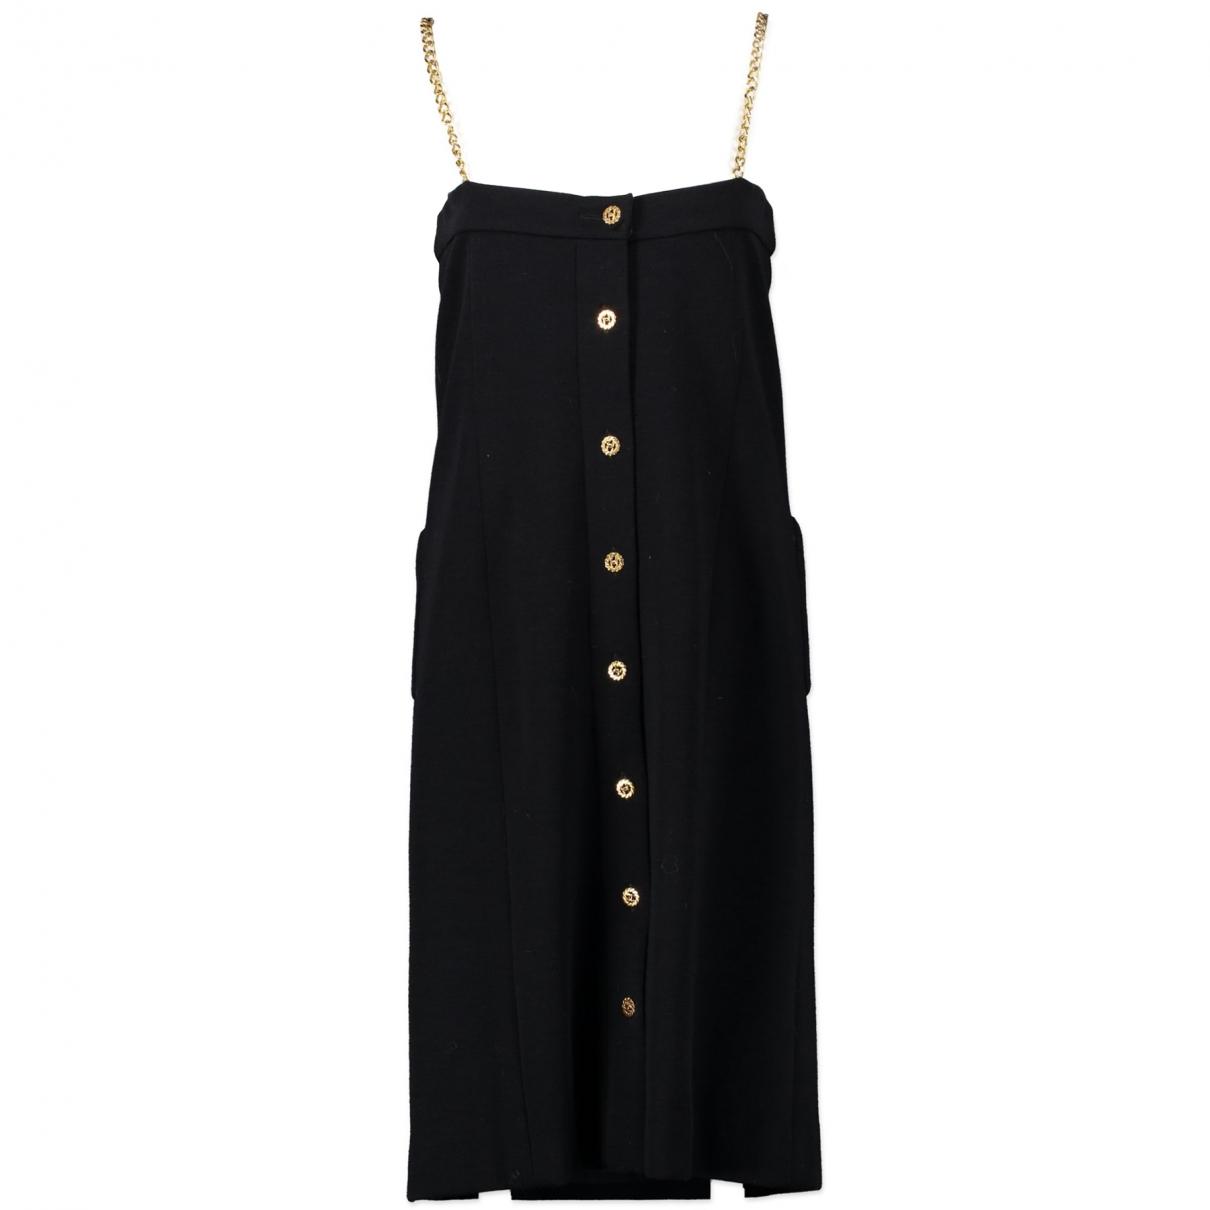 Chanel \N Kleid in  Blau Wolle